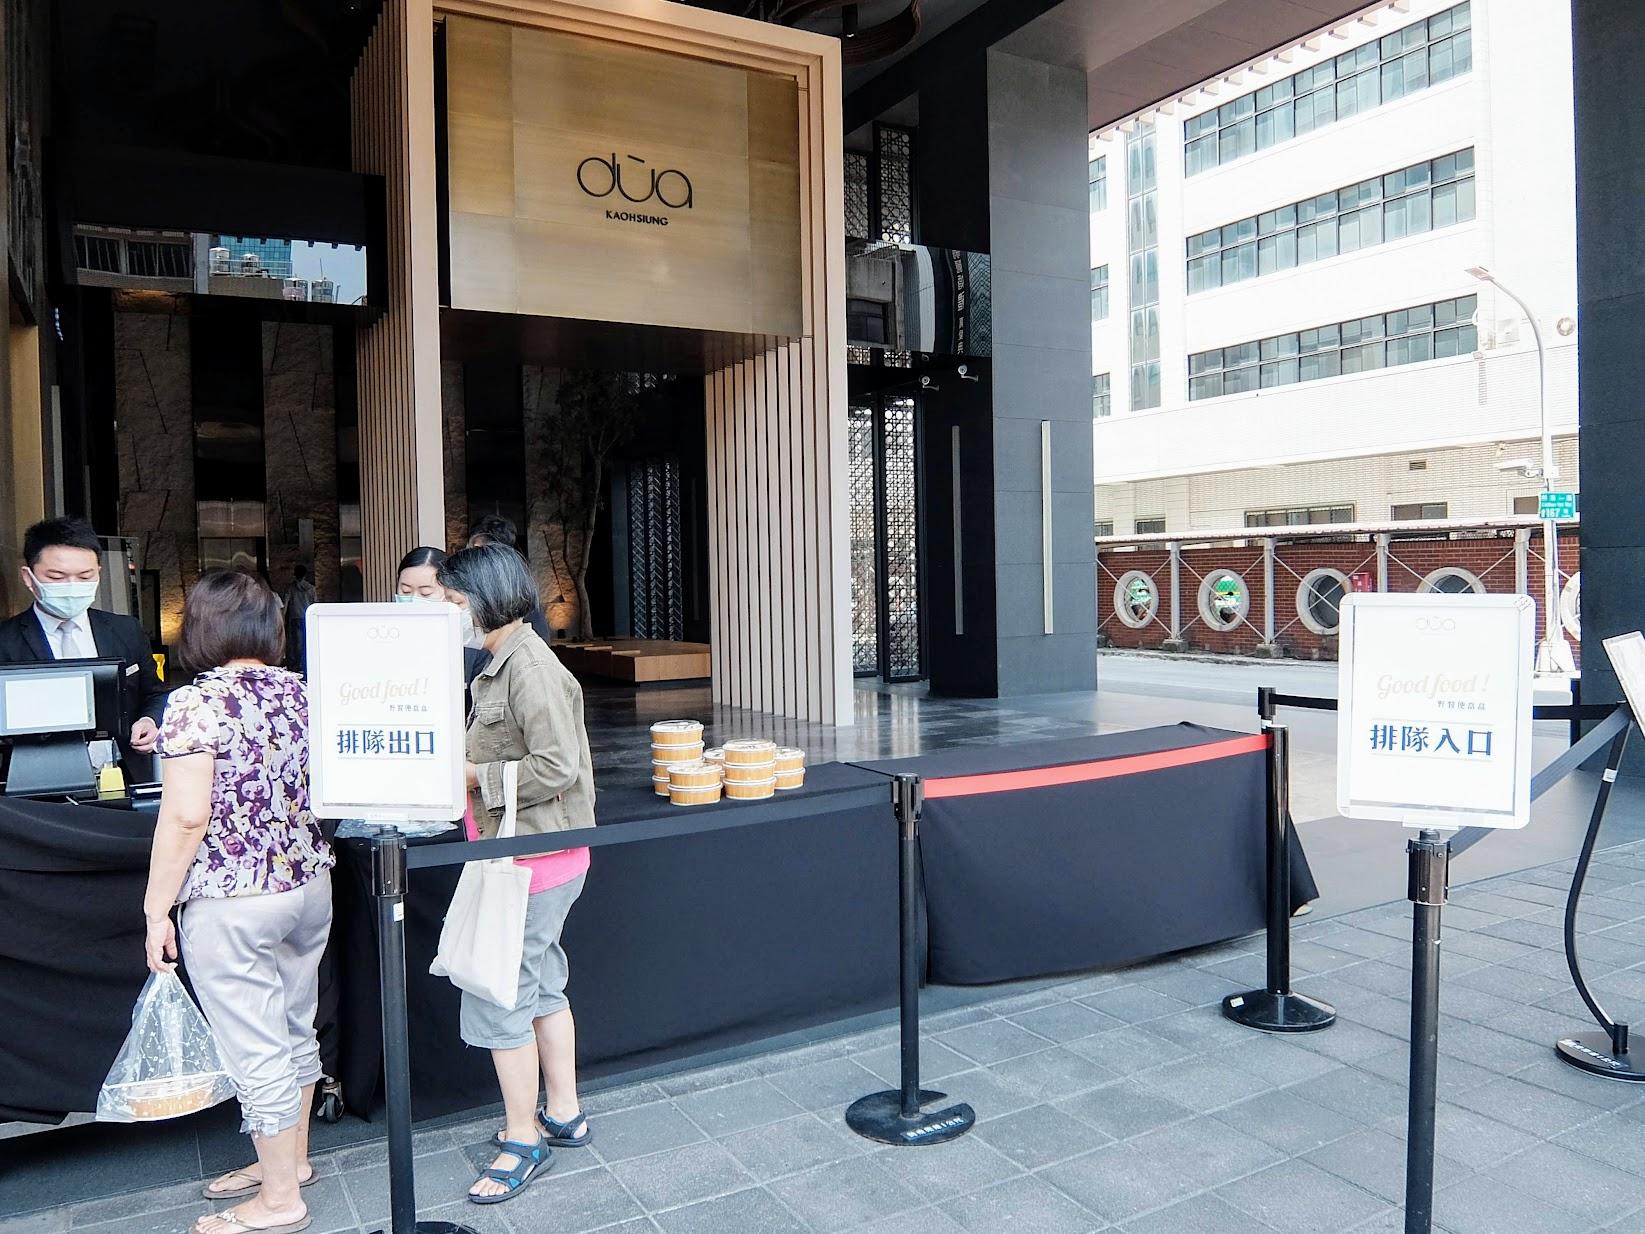 悅品一樓也有在賣便當喔! 是 etage 15和悅品中餐廳一起製作的,價位在119之內